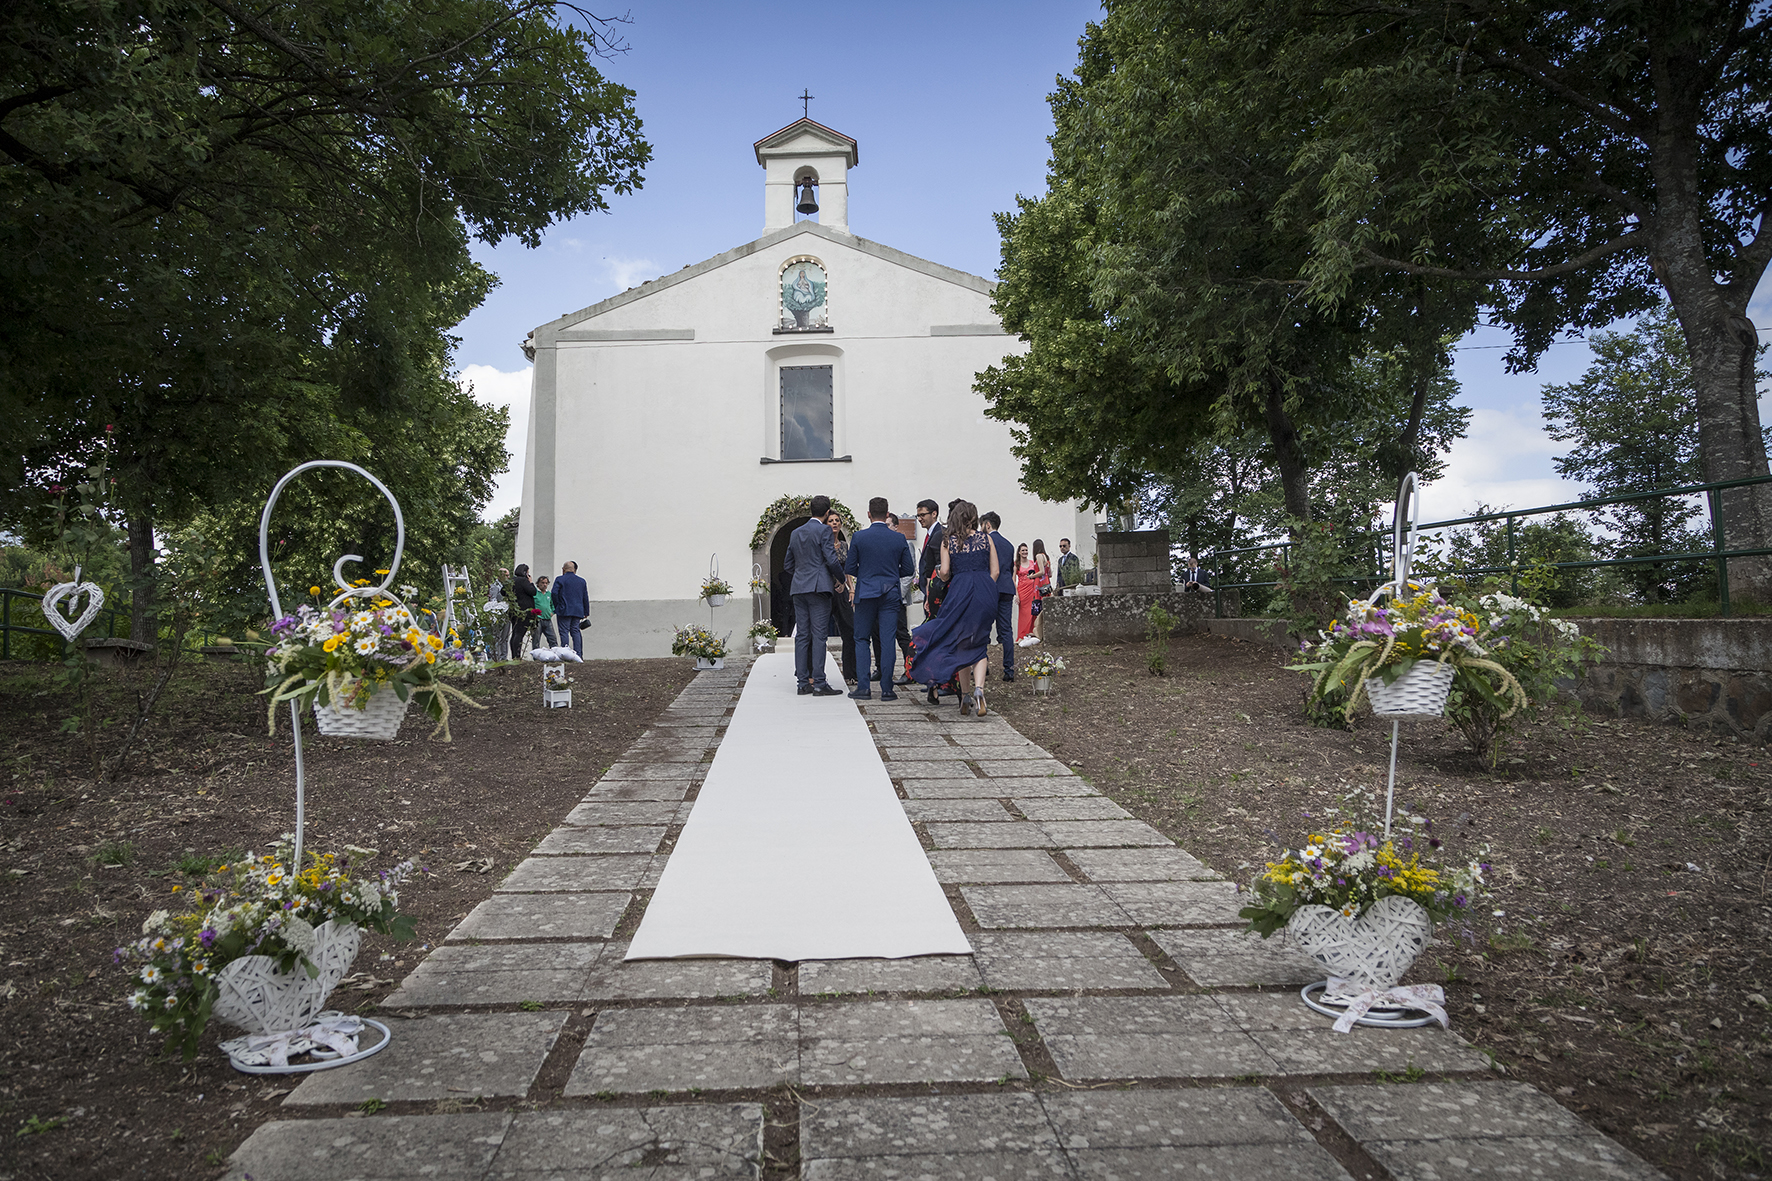 chiesetta di campagna matrimonio green